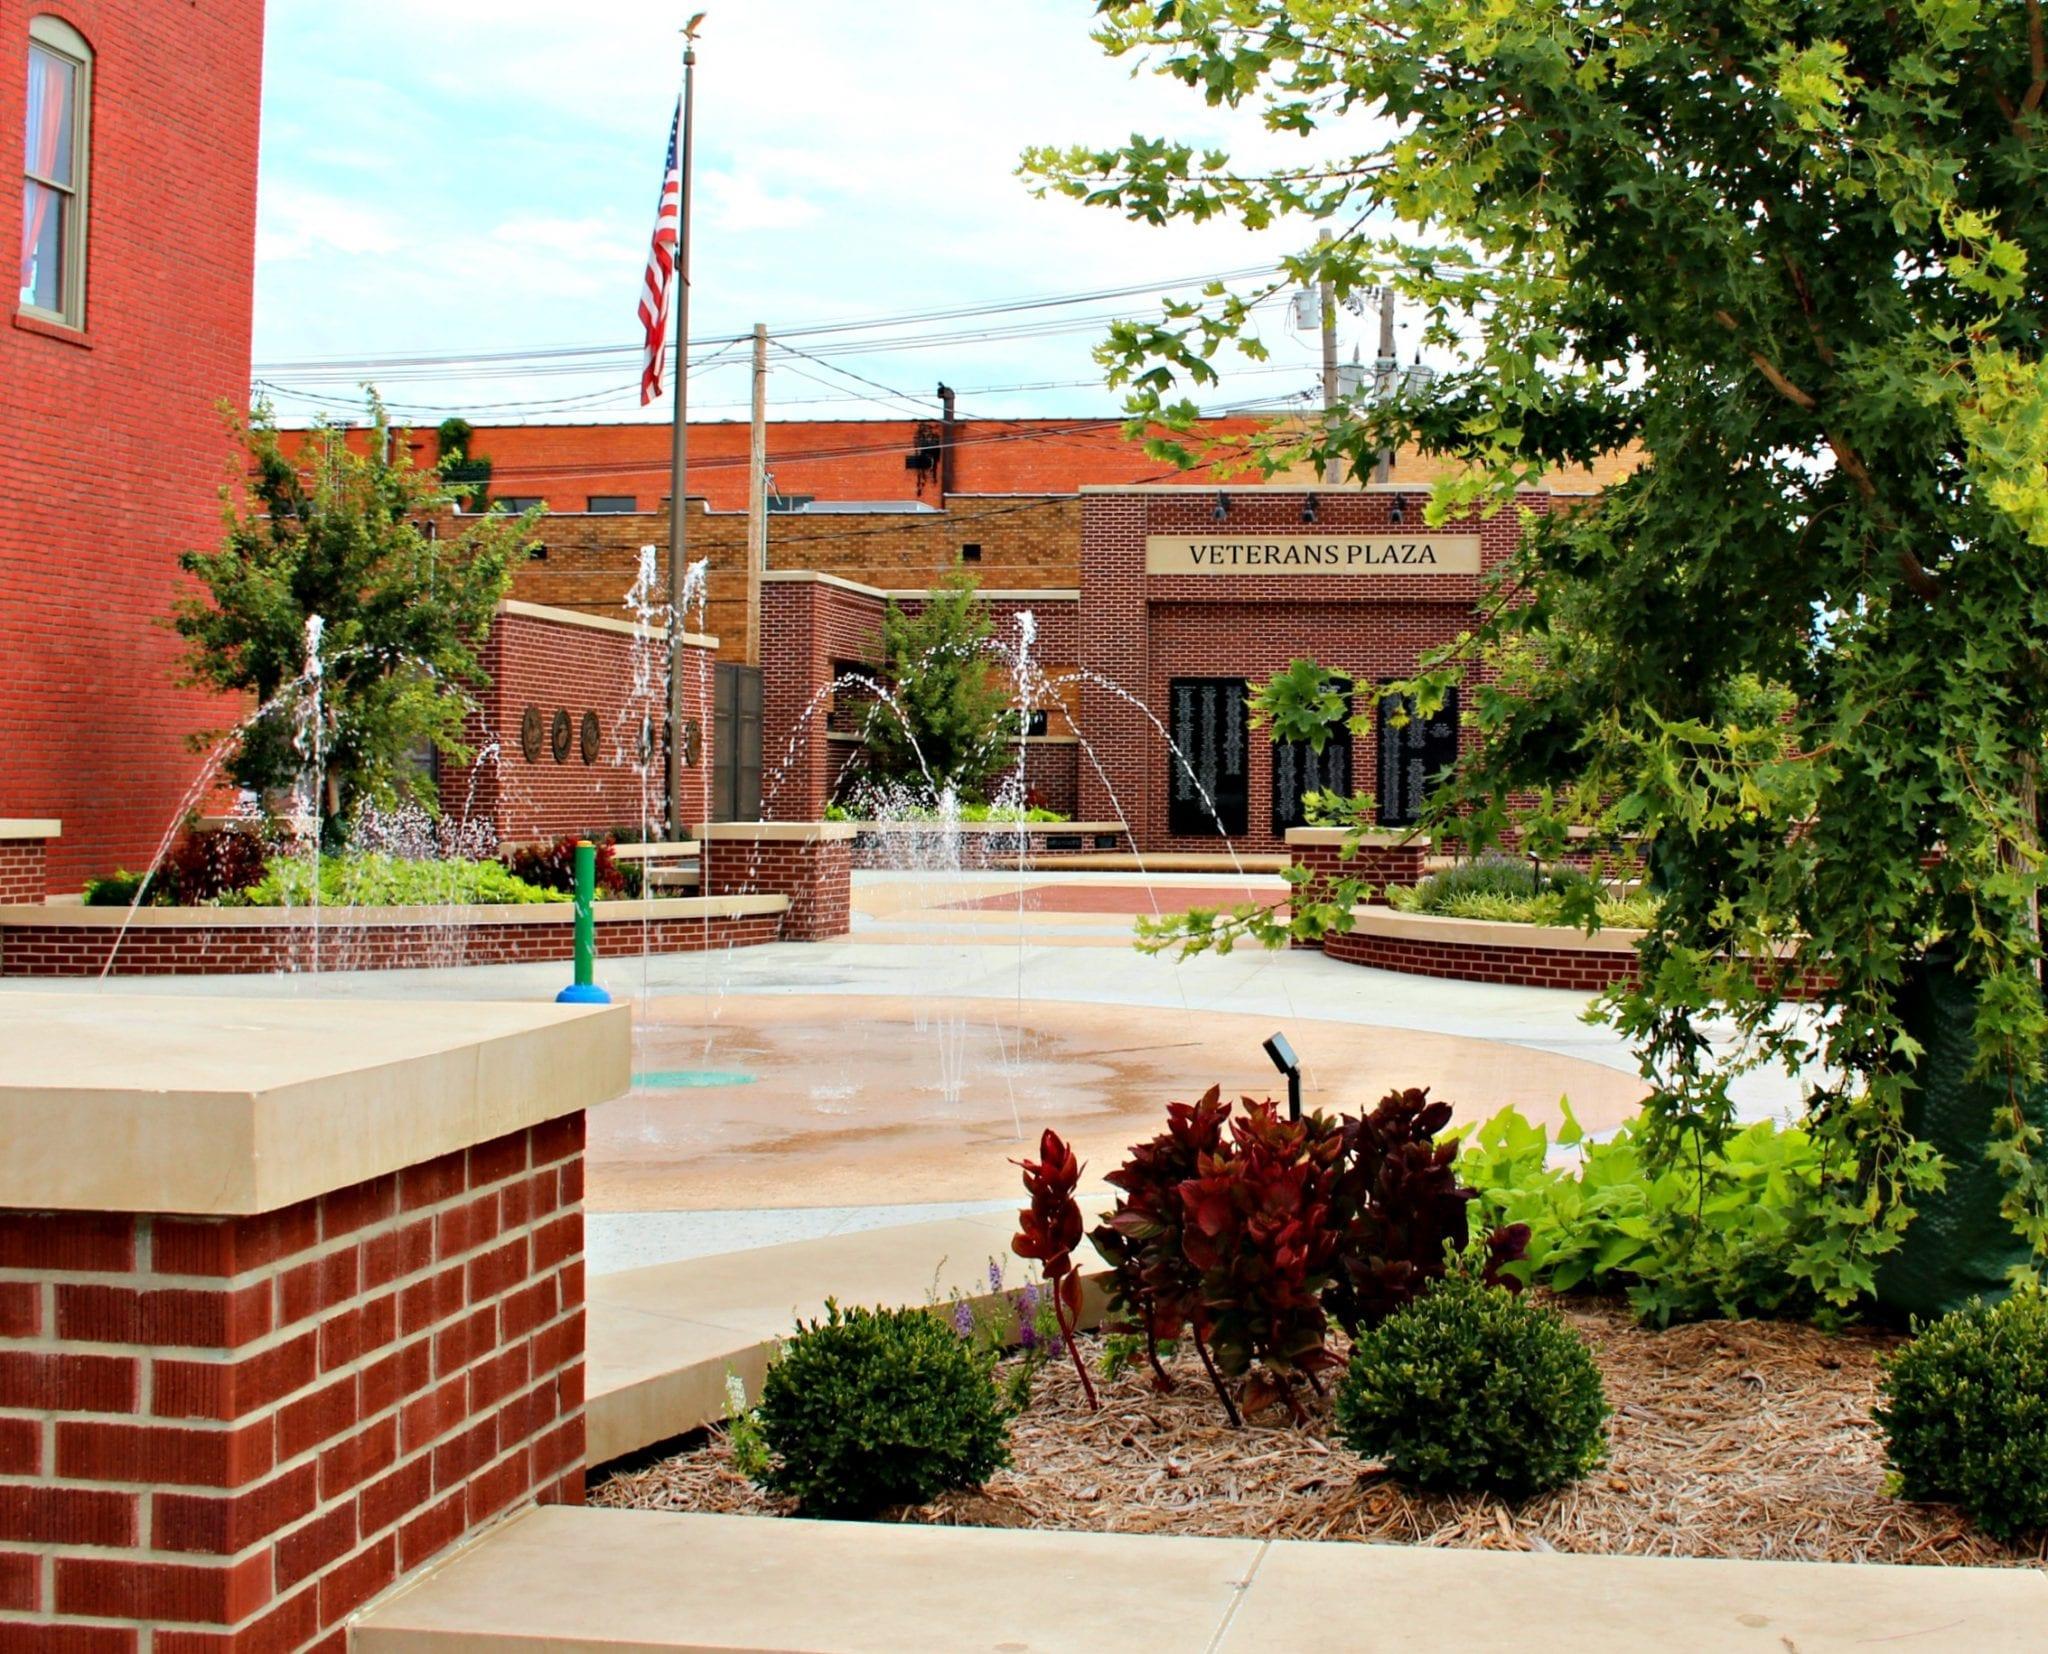 Veterans Plaza - Ponca City